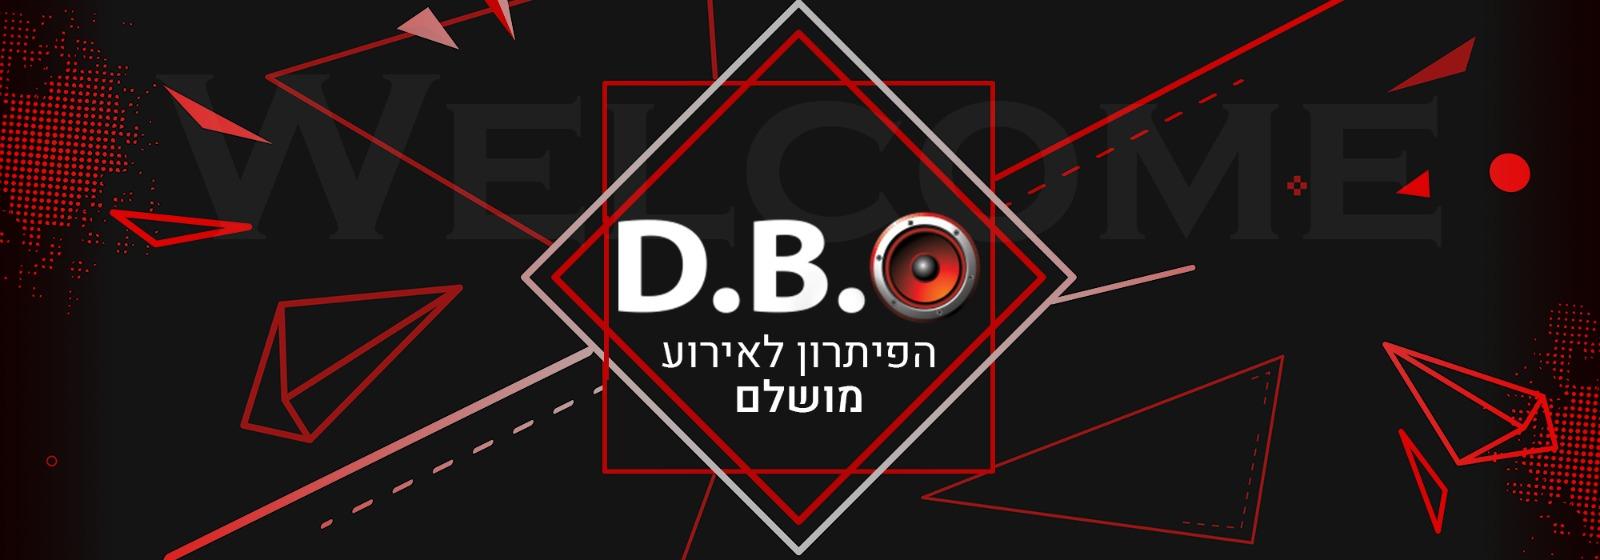 DBO השכרת ציוד לאירועים